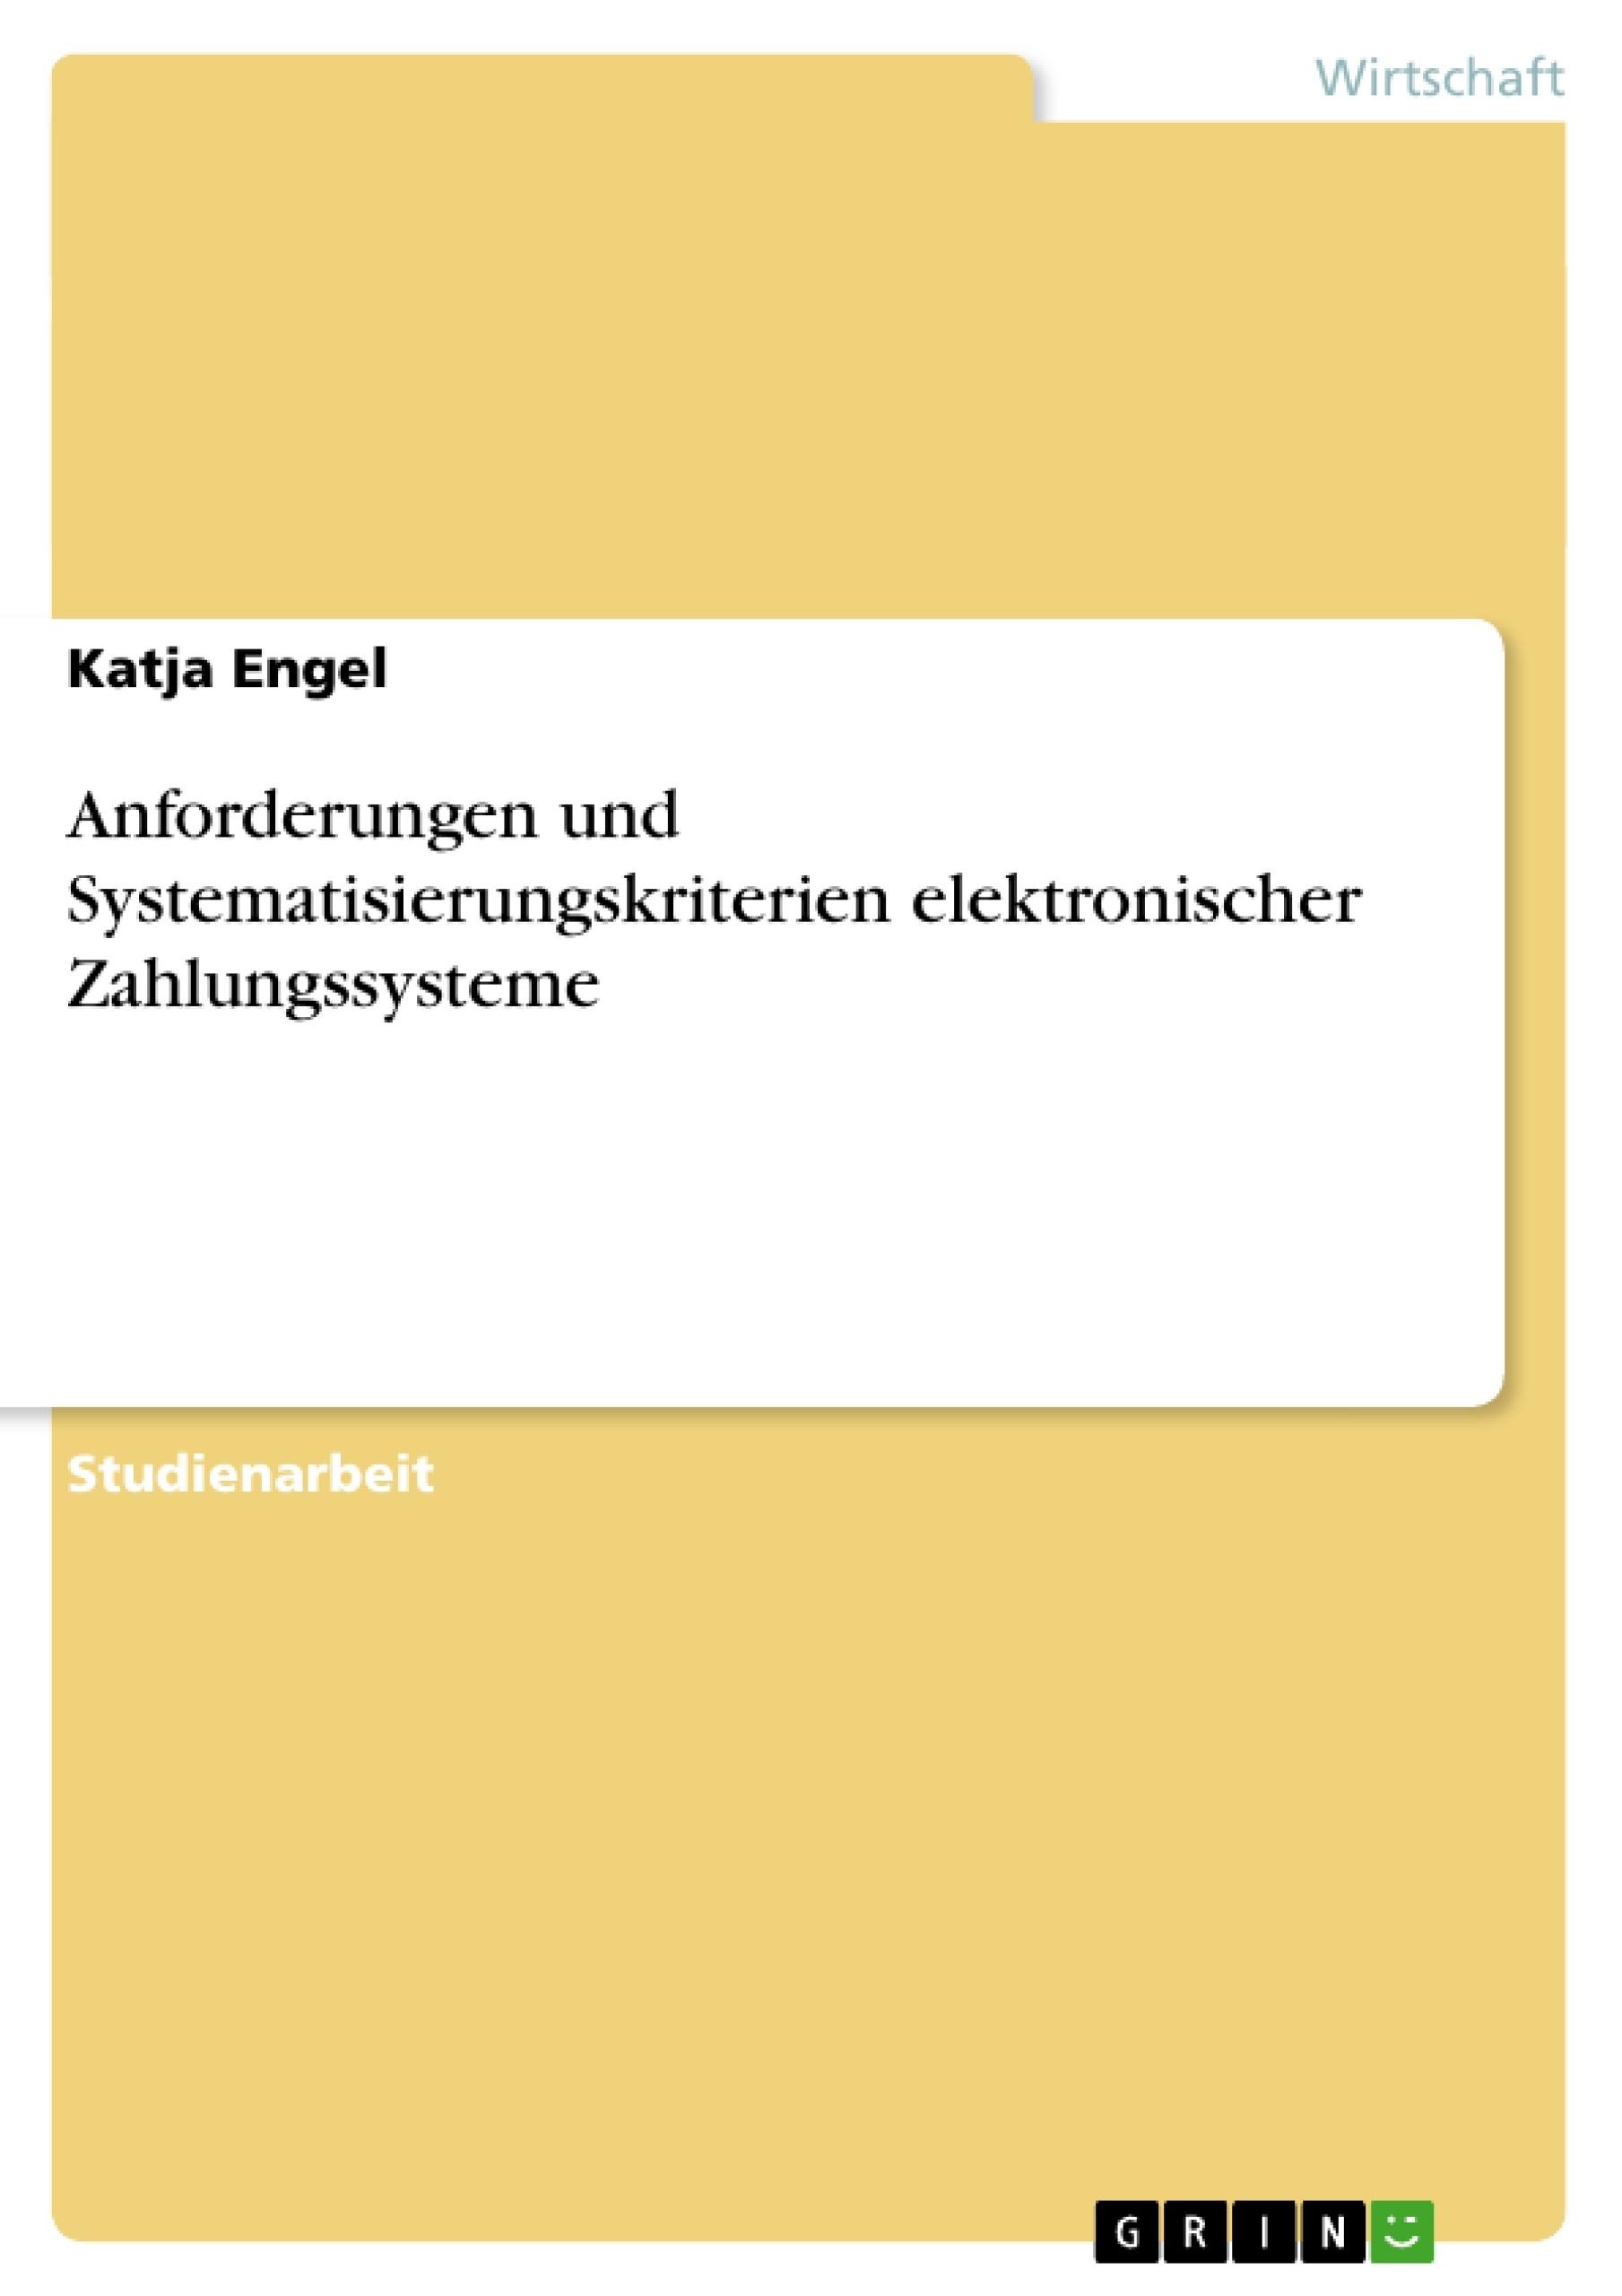 Titel: Anforderungen und Systematisierungskriterien elektronischer Zahlungssysteme